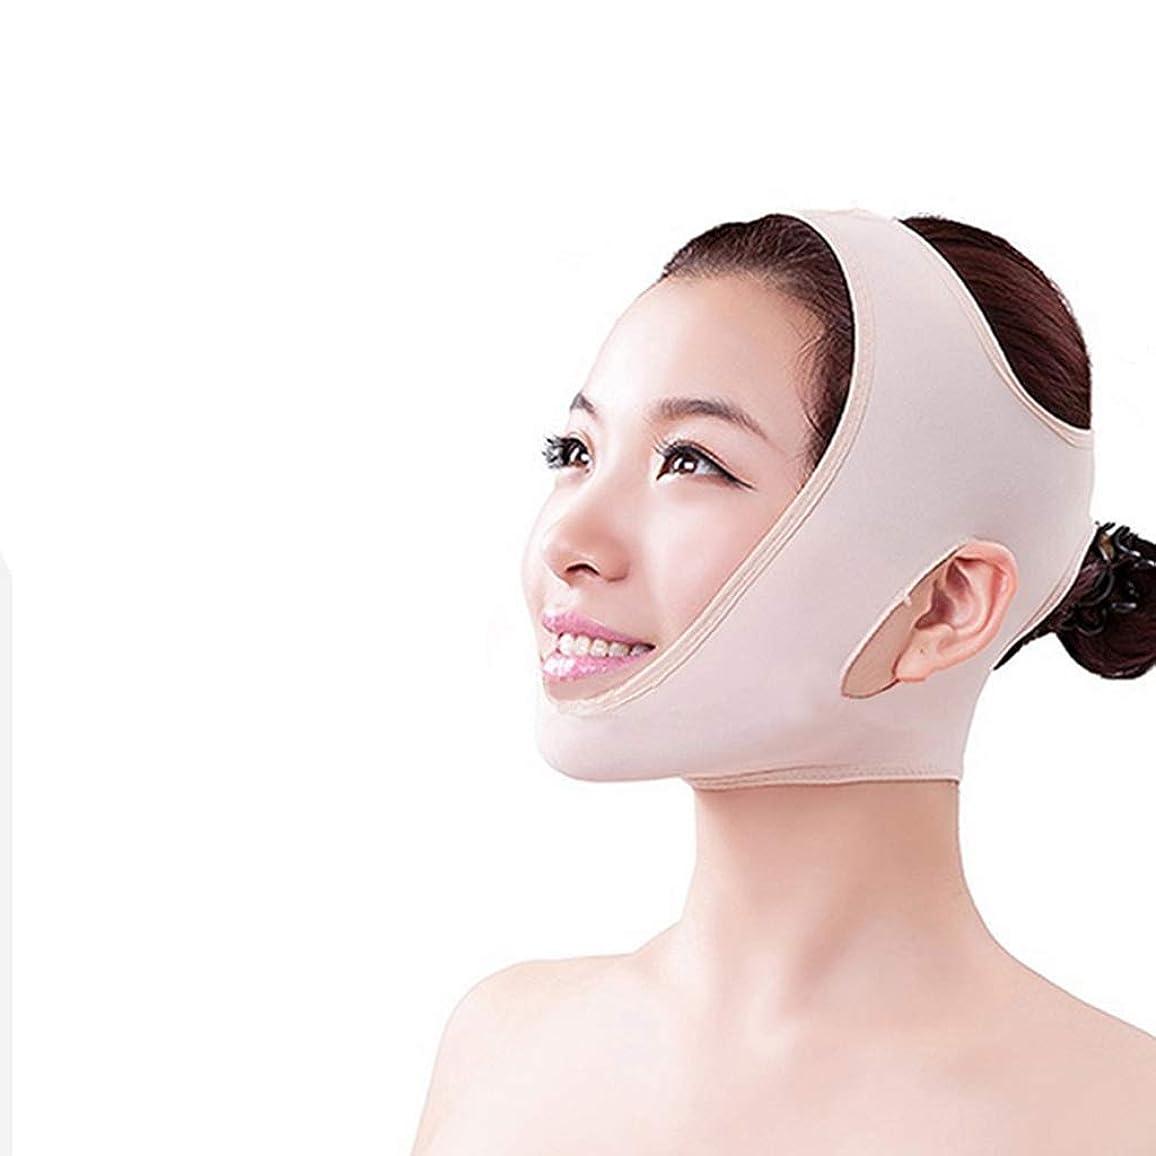 変える結果として作り顔面顔マスク v 顔リフトリフティング引き締め睡眠ライン刻まれた顔包帯,L